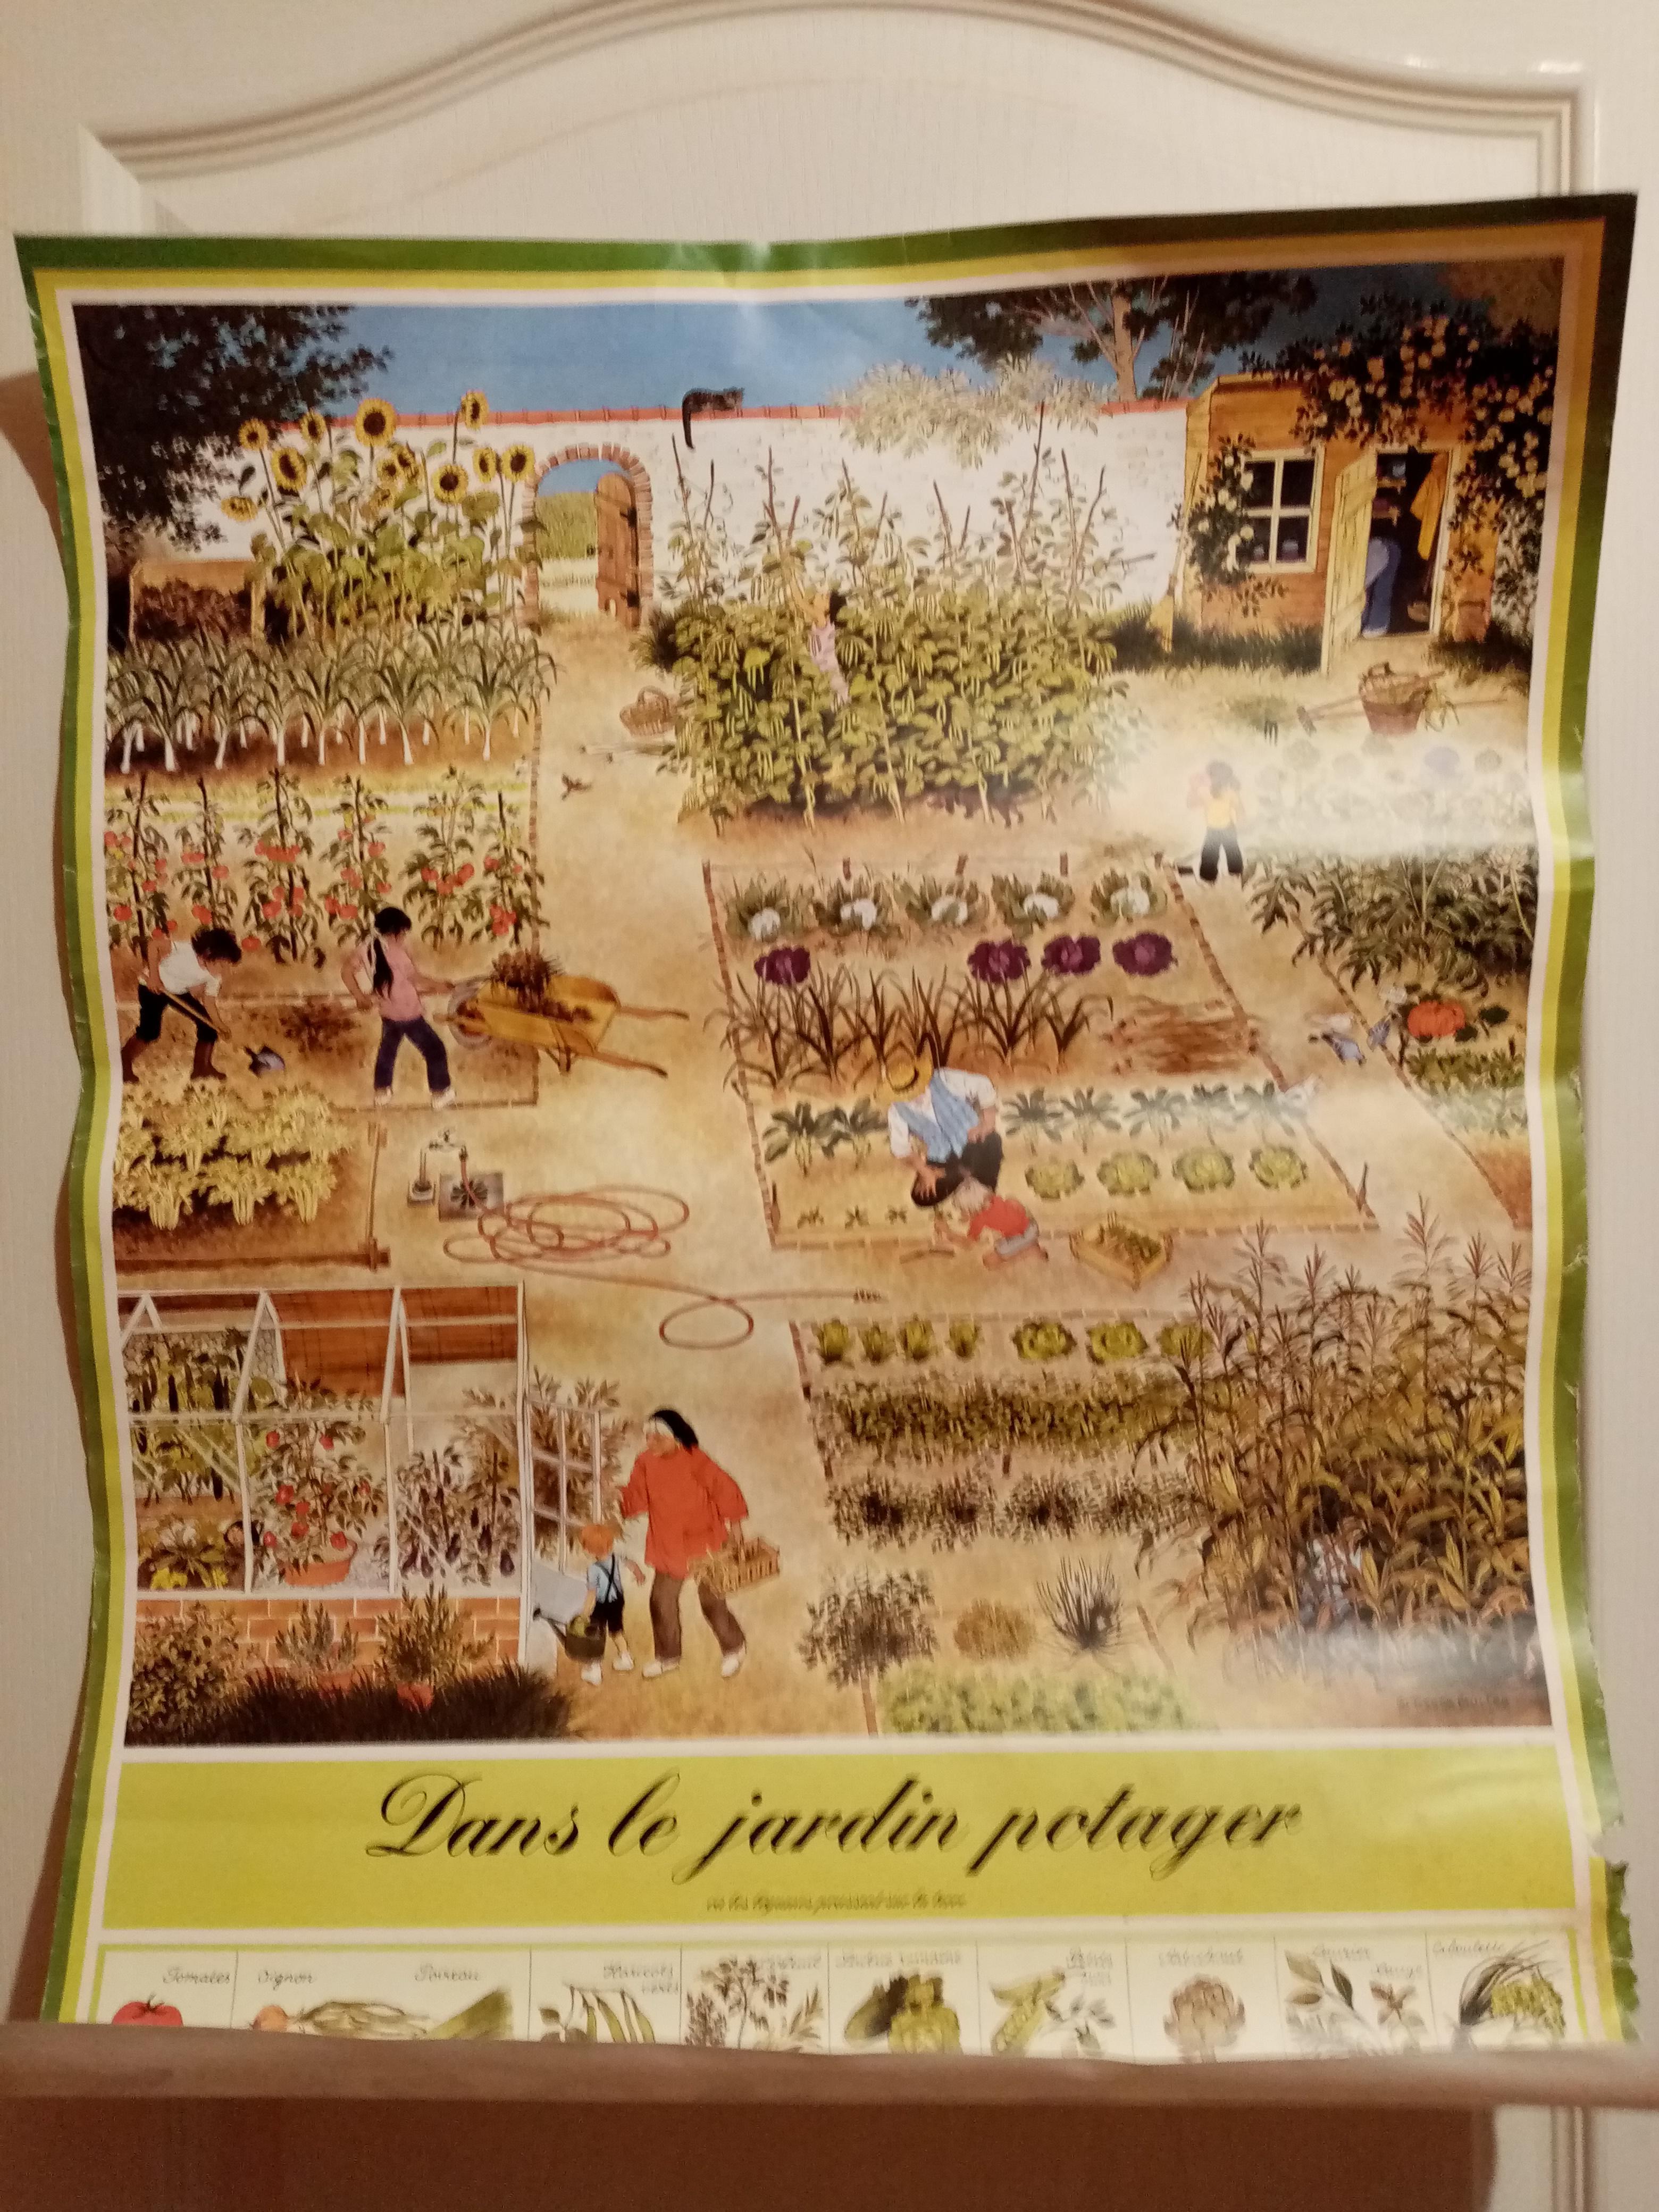 troc de troc mise à jour le 27/08/21 - grand affiche vintage image 1